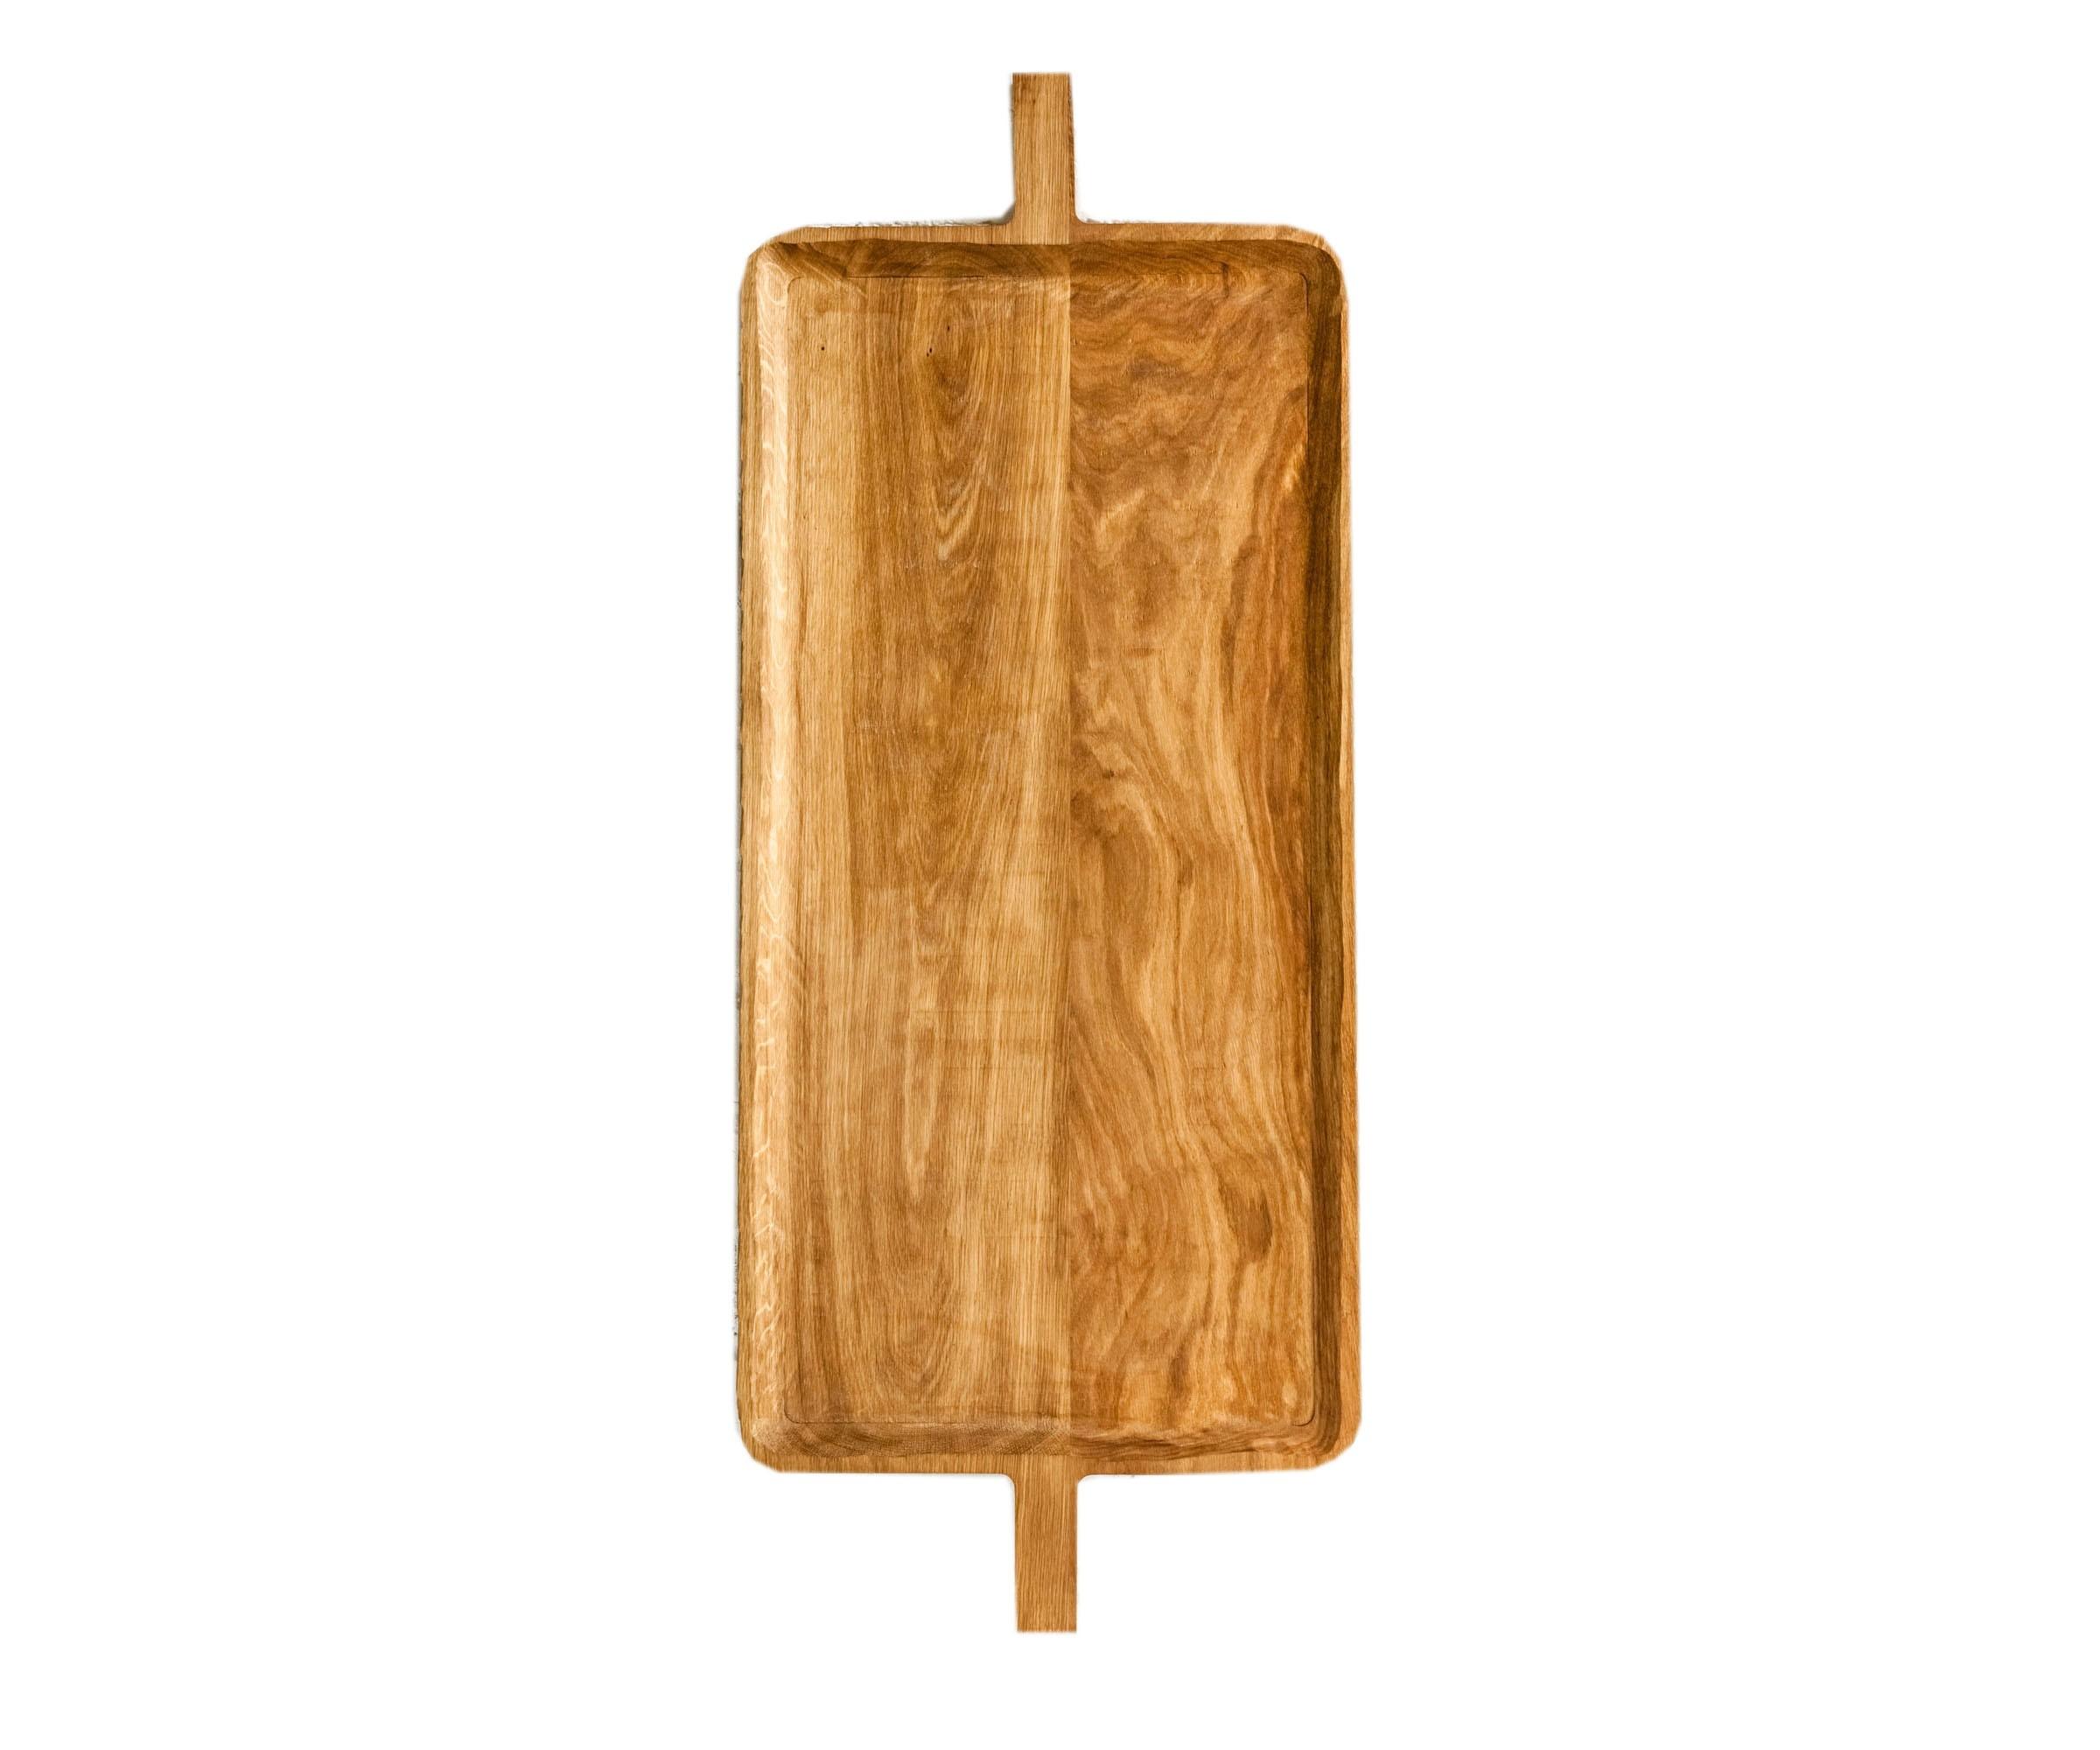 ПодносДекоративные подносы<br>Поднос служит большим сервировочным блюдом или крупным предметом-акцентом в декоре стола. Его можно использовать как полку или столешницу, а несколько подносов, поставленных друг на друга, составляют журнальный столик или тумбу. Сделан вручную. Покрытие: льняное масло. При необходимости можно обновлять покрытие, протерев поверхность тряпочкой, смоченной льняным маслом. После влажной обработки его нужно протирать полотенцем. Из-за специфики ручного труда все предметы отличаются друг от друга.<br><br>Material: Дуб<br>Ширина см: 40<br>Высота см: 1